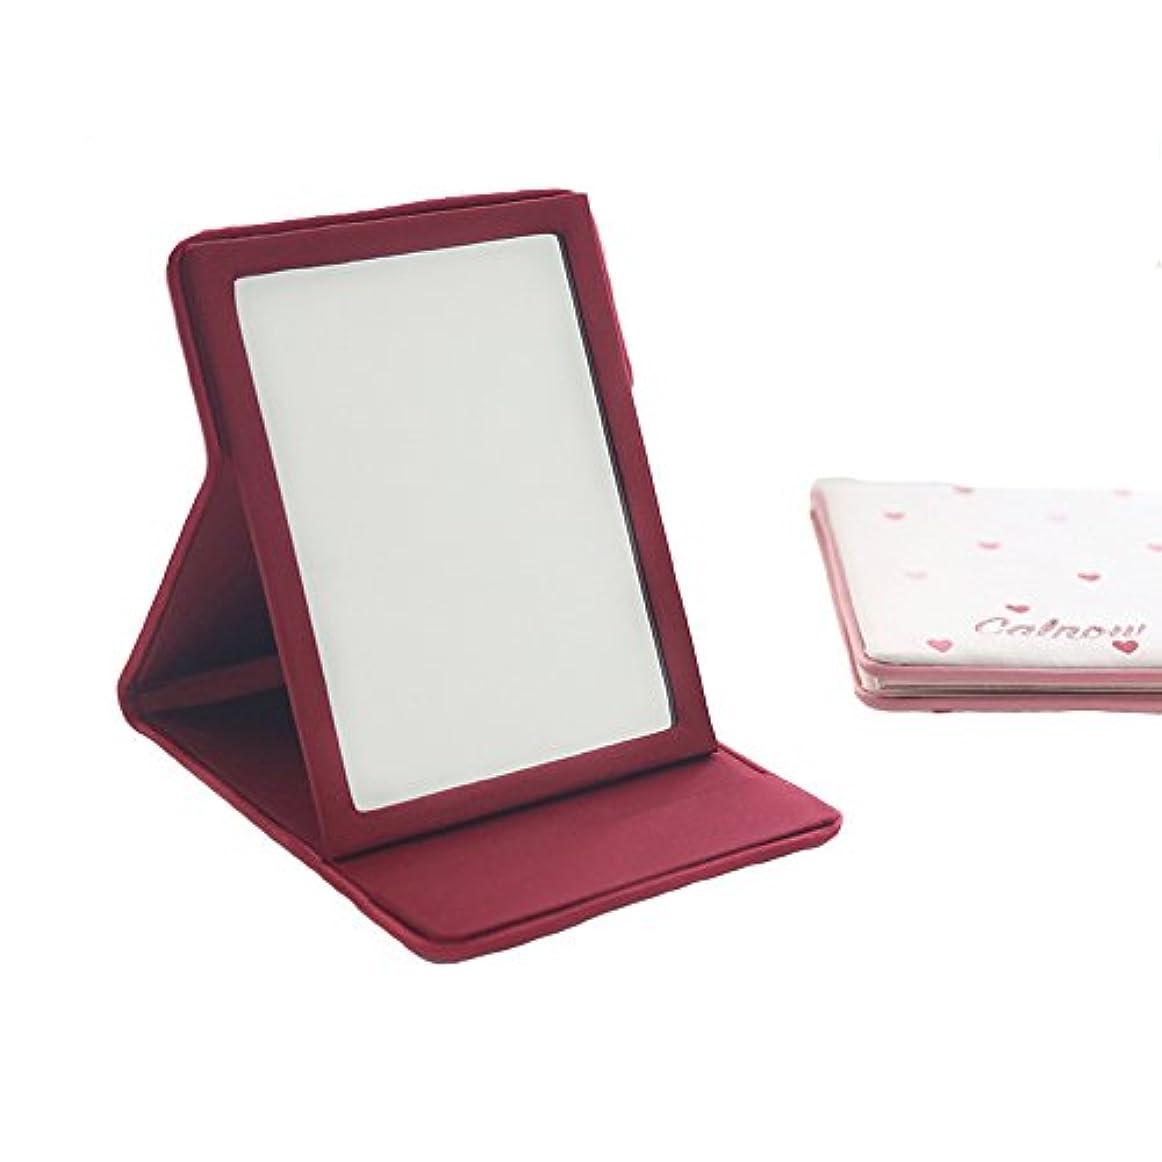 うるさい特徴づける追放するMYOMYO化粧鏡 卓上ミラー 卓上スタンドミラー 折りたたみミラー 旅行鏡 旅行適用 (ワイン)